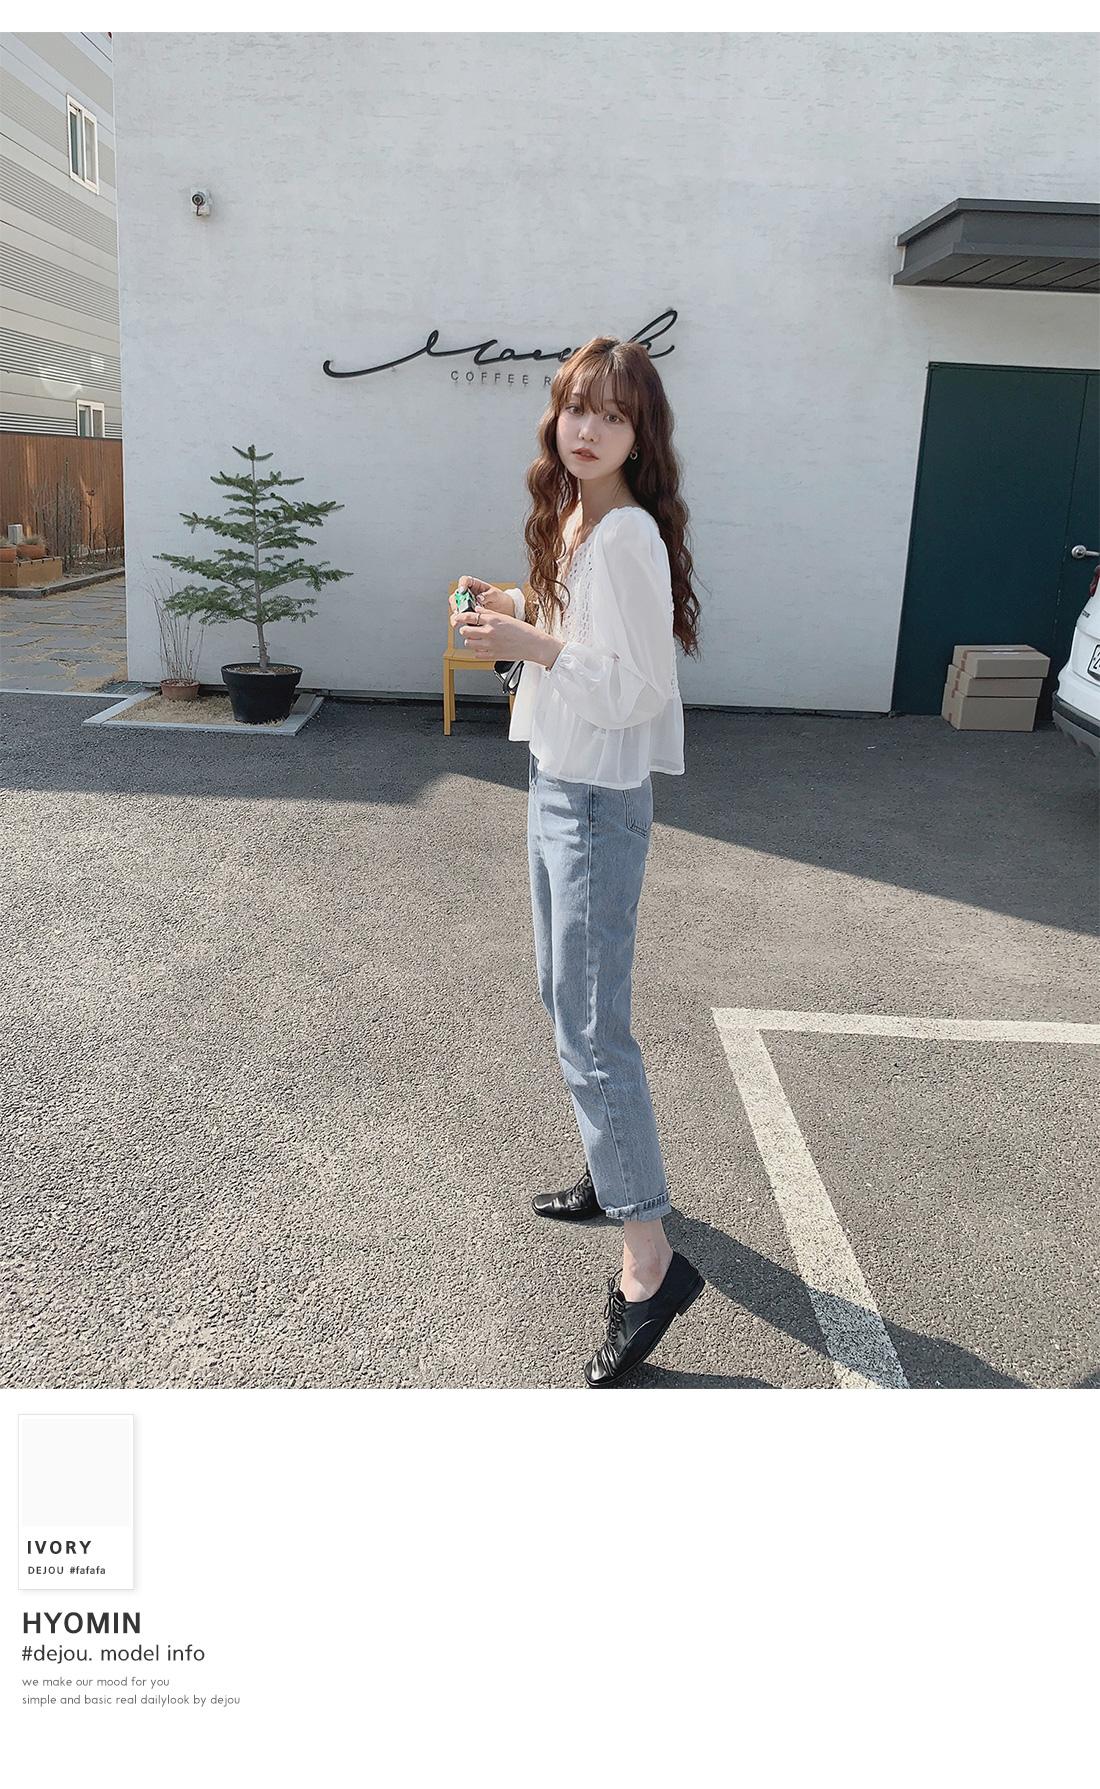 韓国 ファッション トップス ブラウス シャツ 春 夏 カジュアル PTXJ753  透かし編みニット シアー ドッキング ペプラム オルチャン シンプル 定番 セレカジの写真4枚目